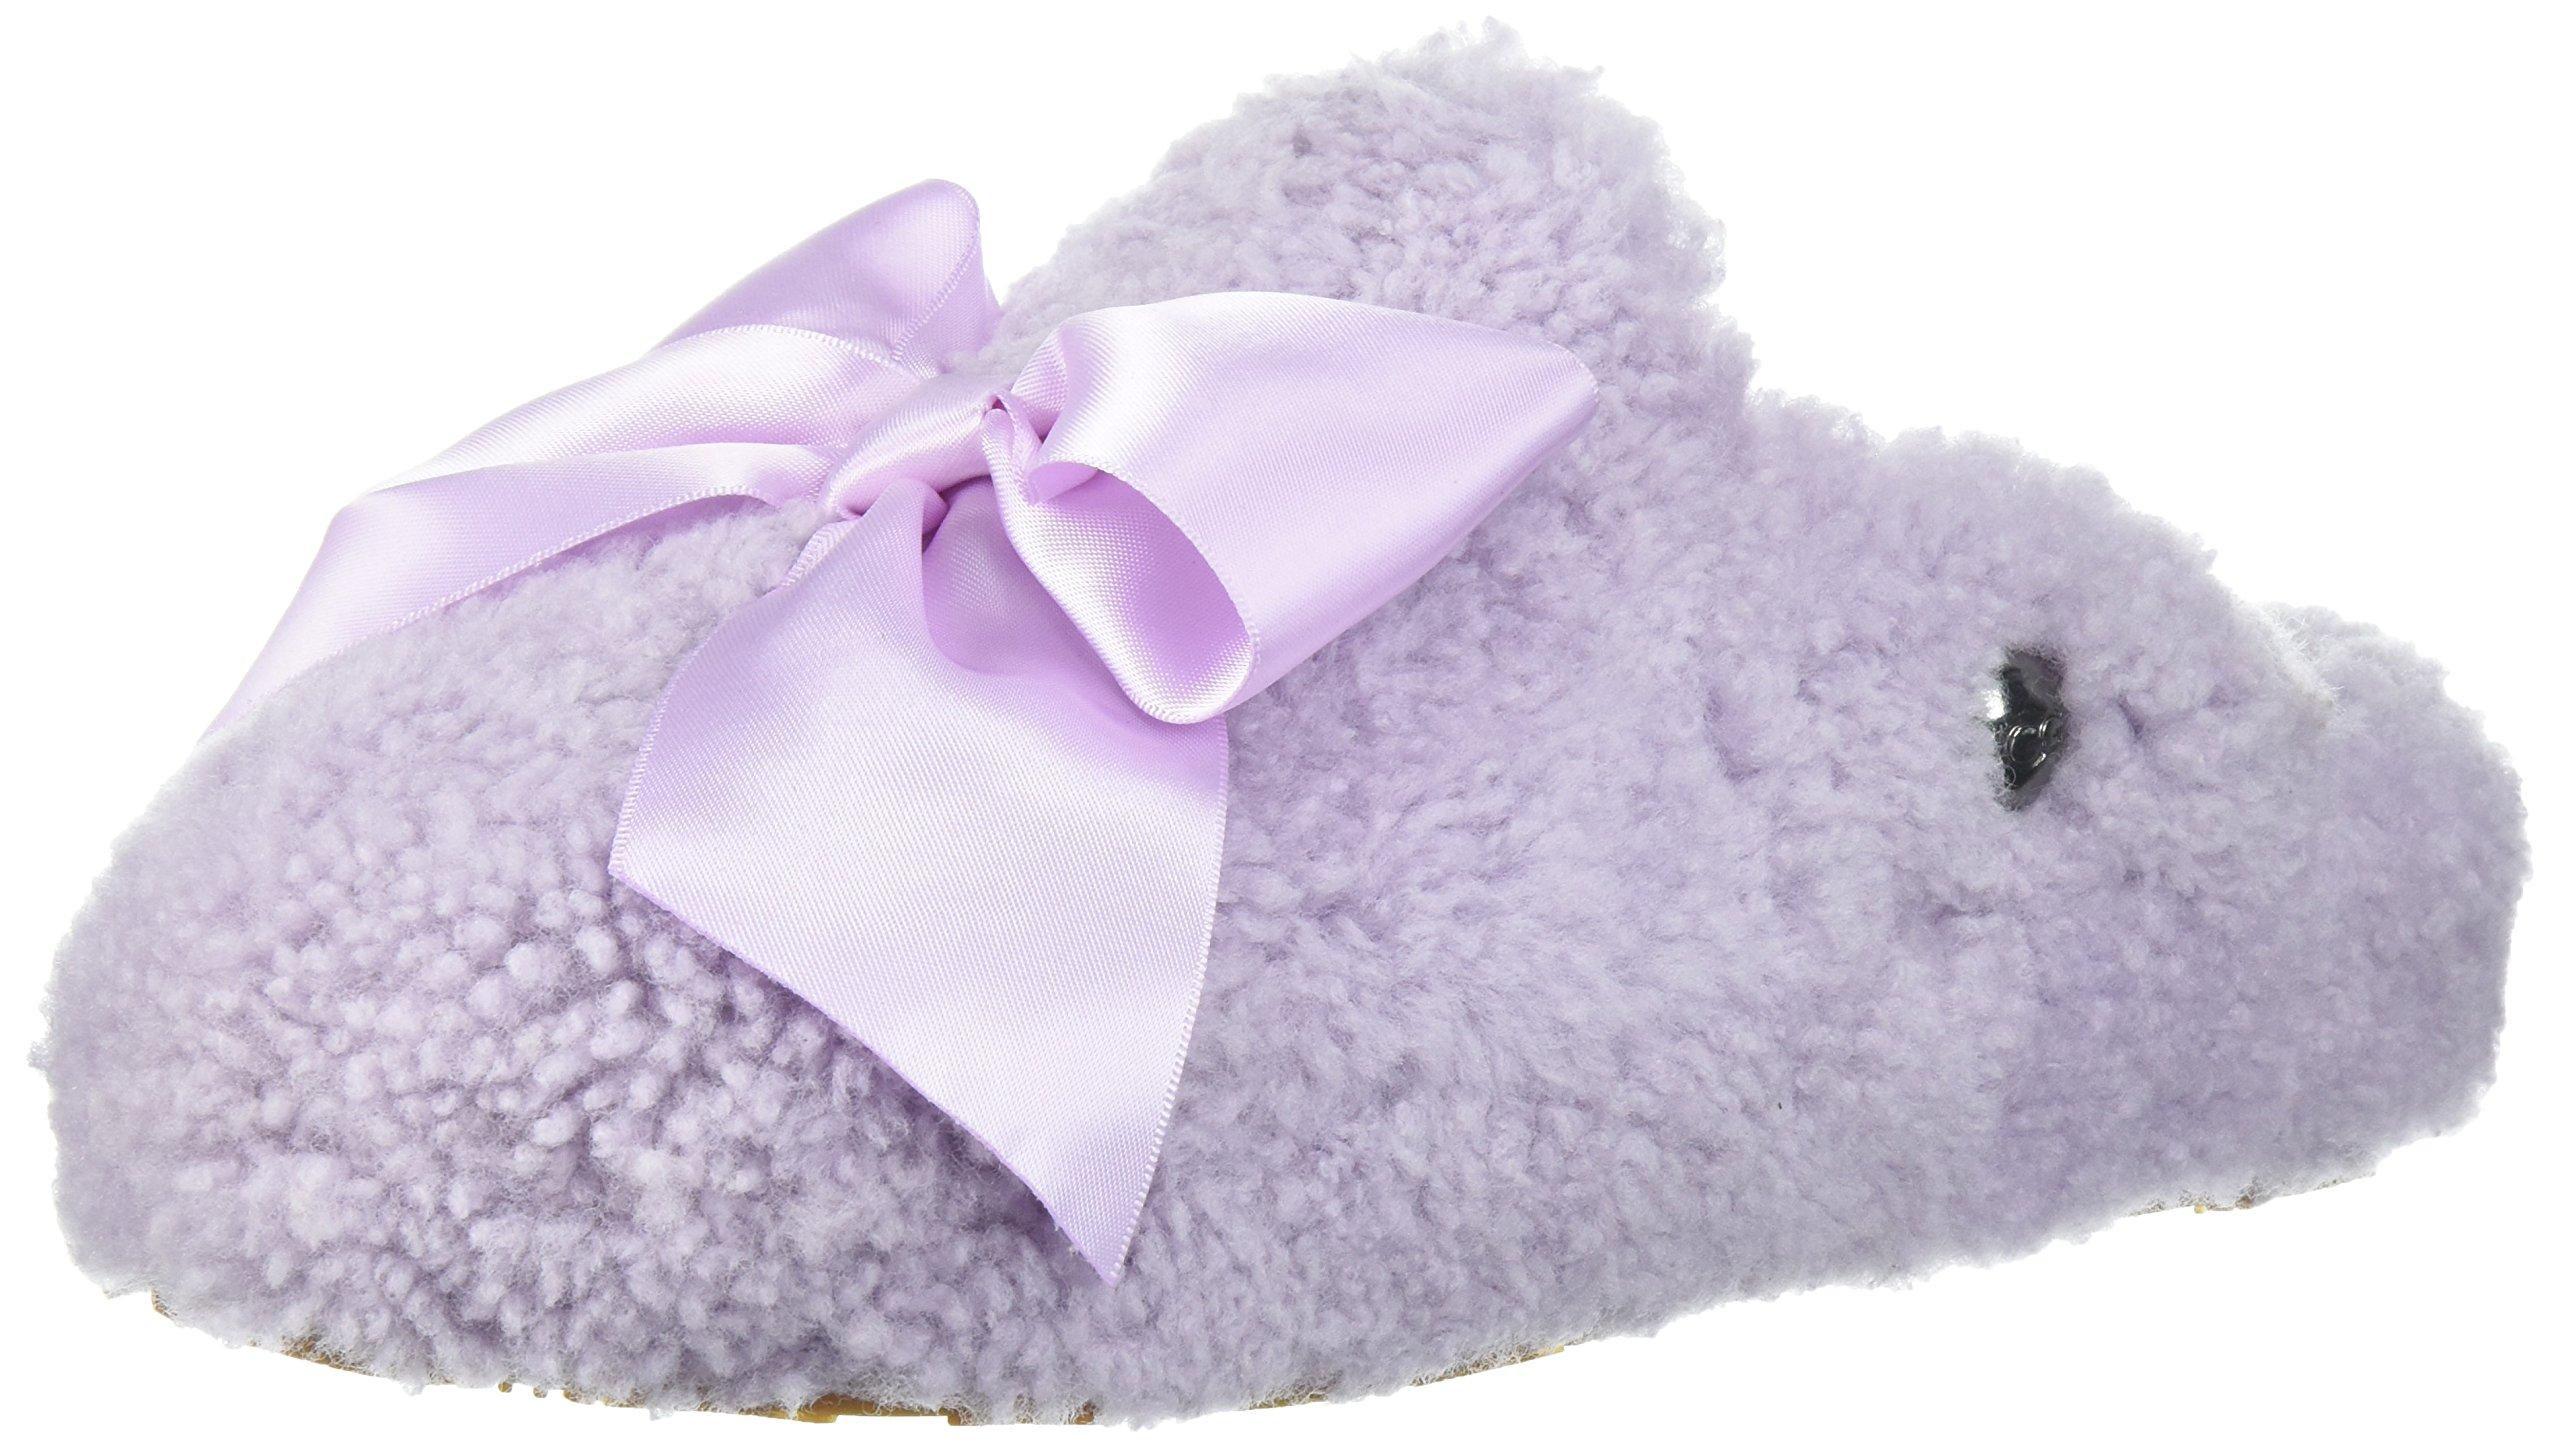 UGG Women's Addison Slipper, Lavender Fog, 8 M US